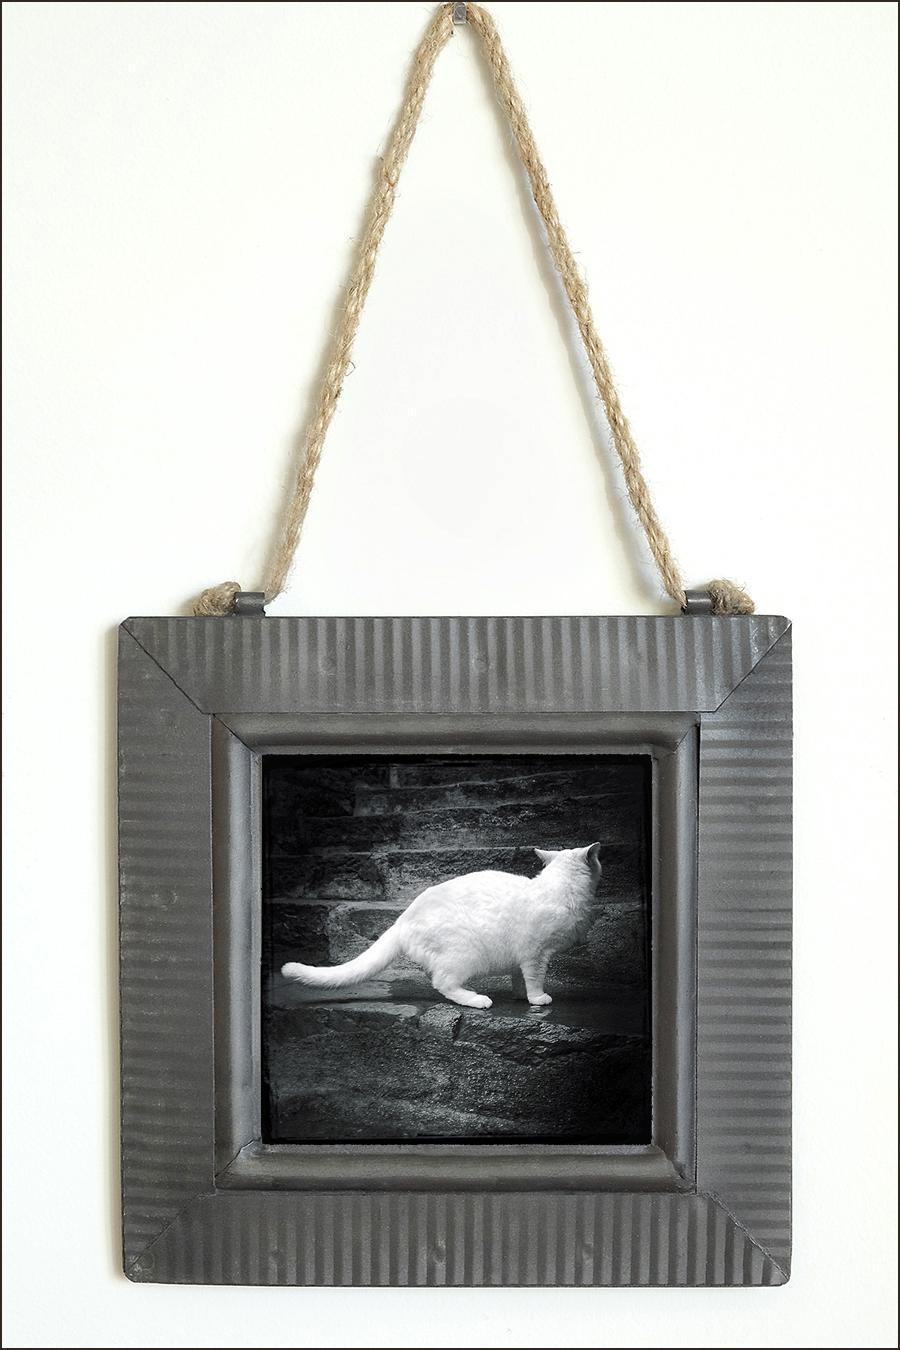 Tin Framed Metal Cat Print